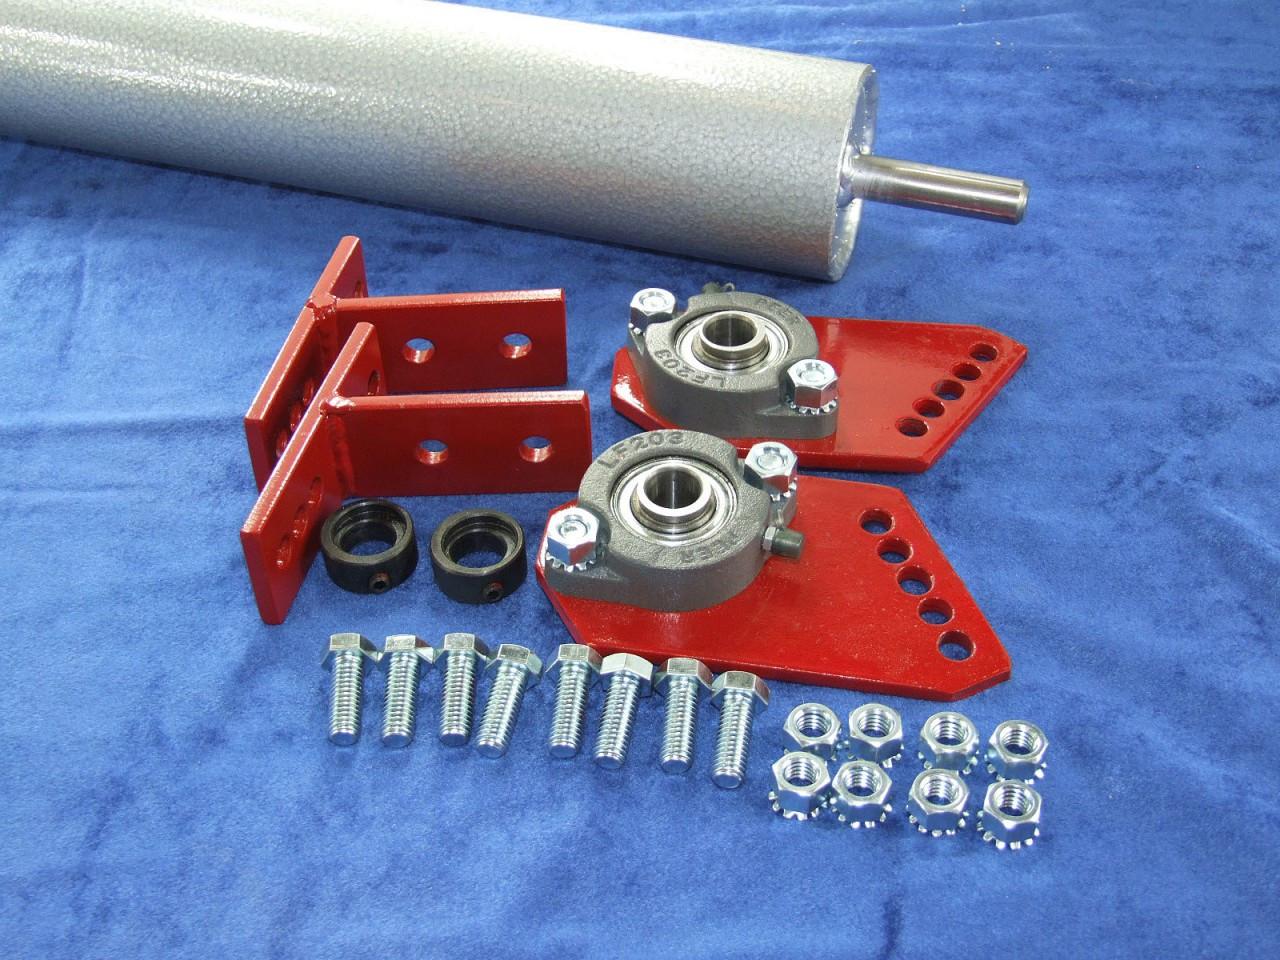 Lawn striper kit for Toro 400 Series Commercial mower.